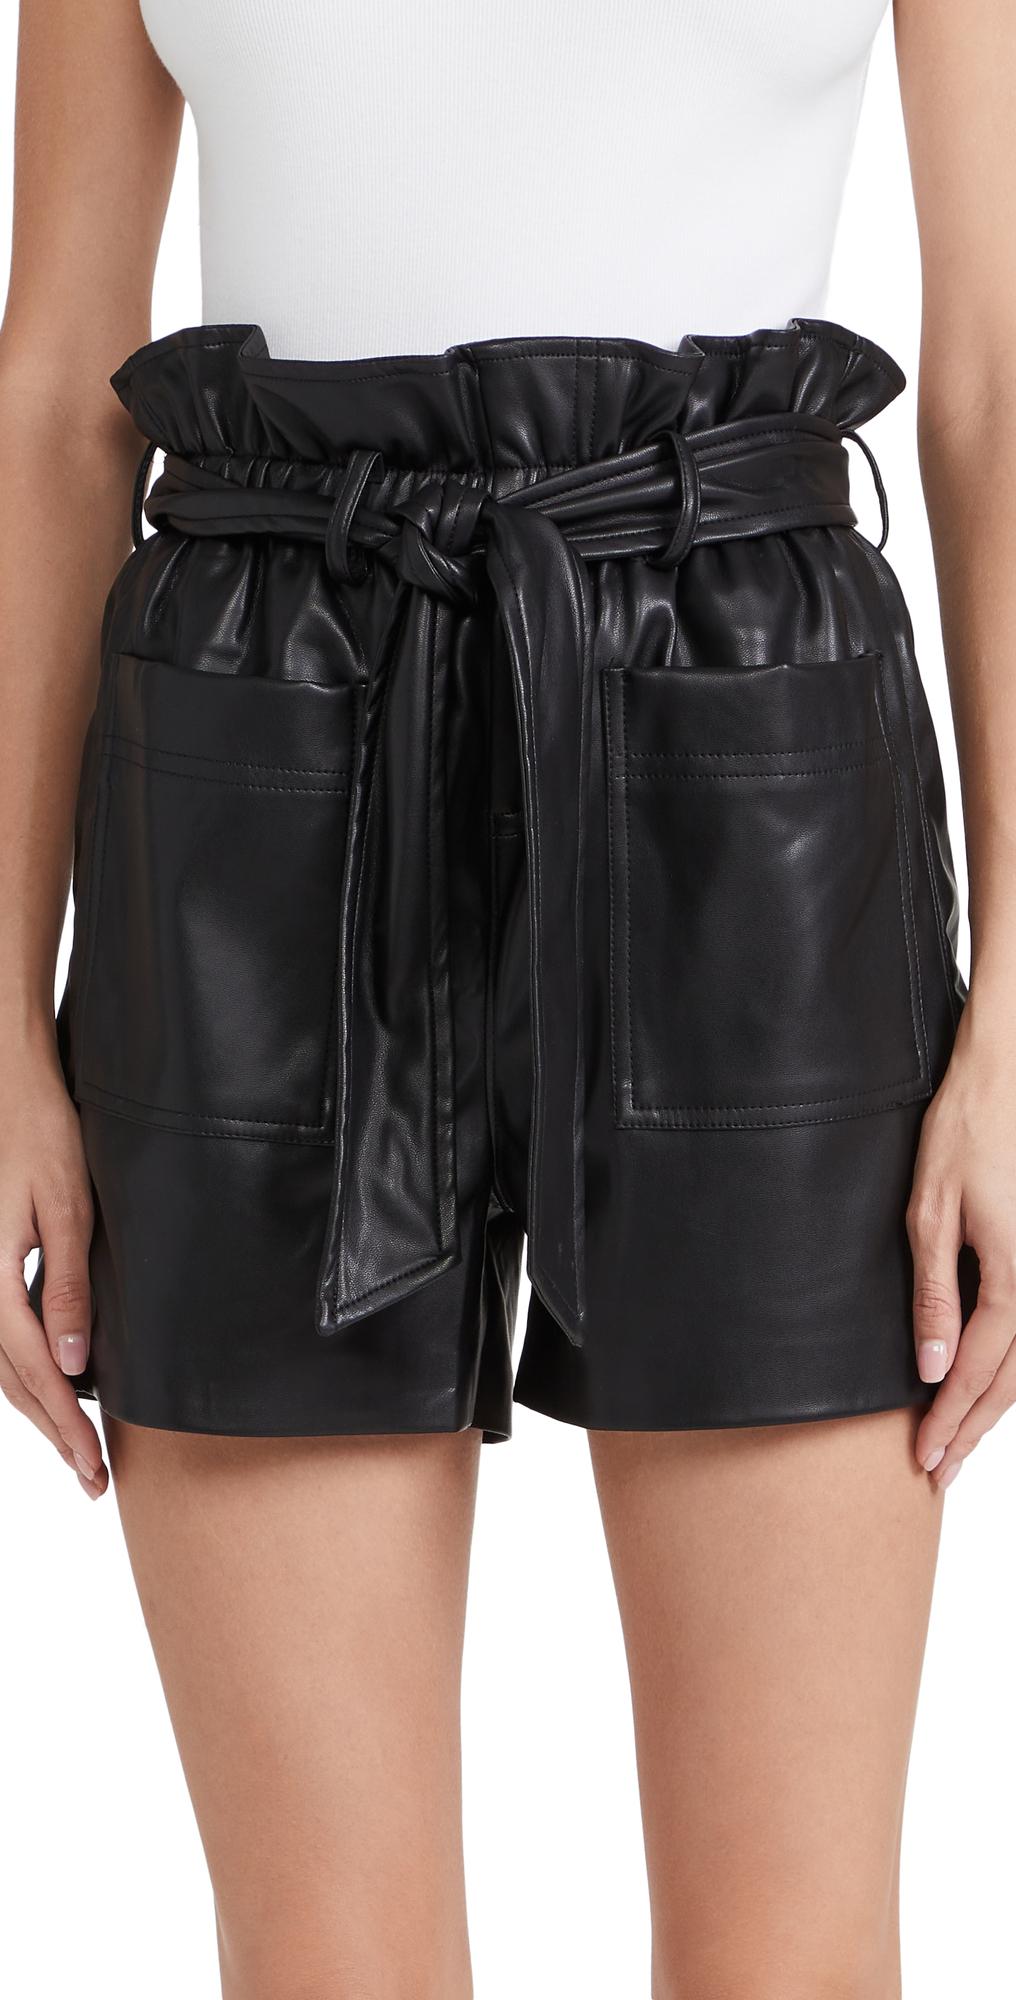 Obsidian Shorts